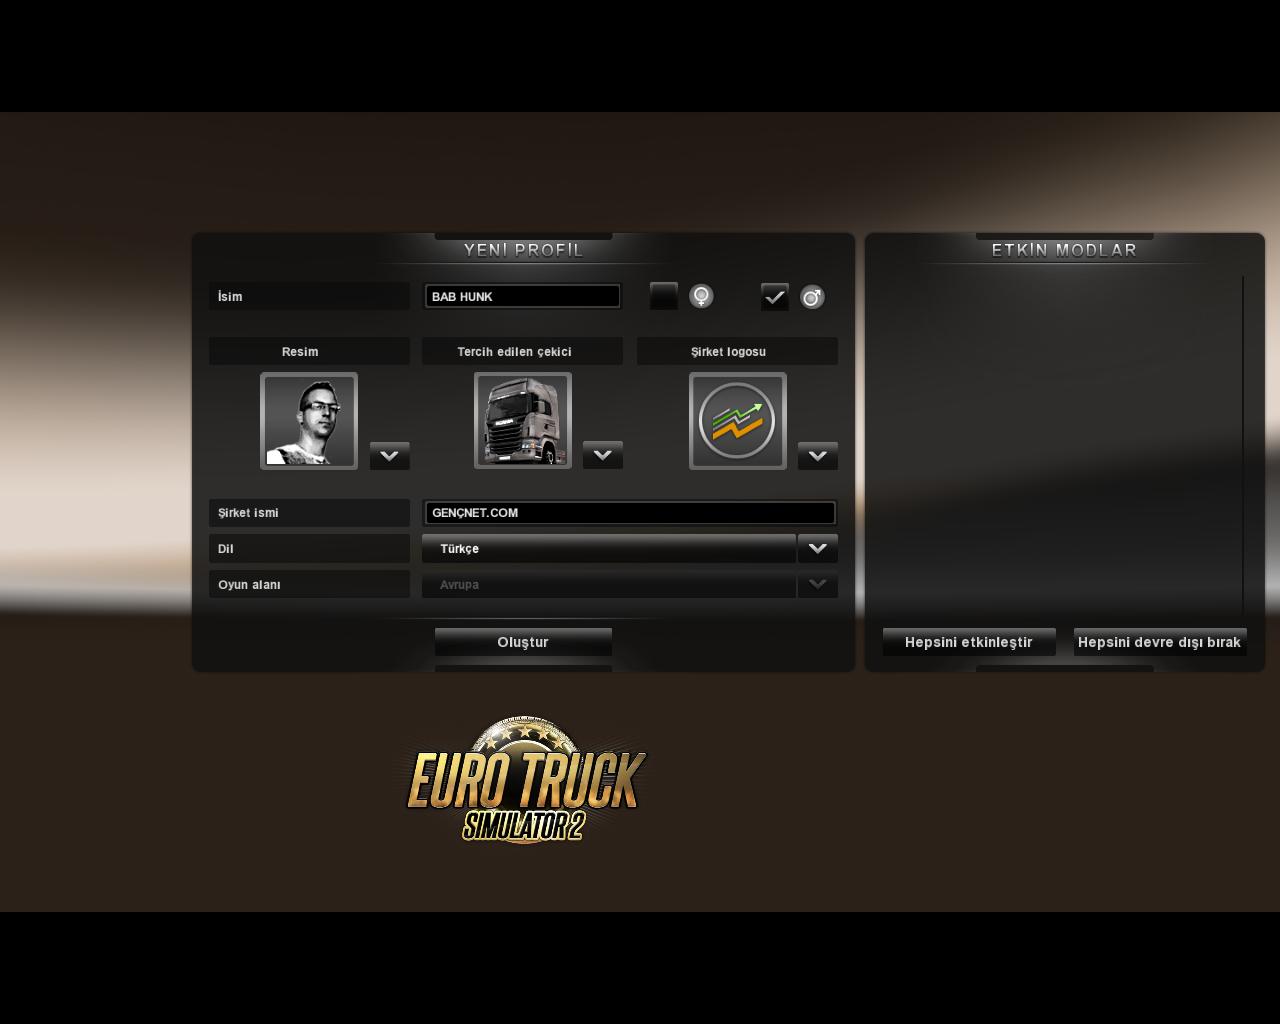 Euro Truck Simulatör 2 Türkçe v1.7.0 Full Tek Link İndir